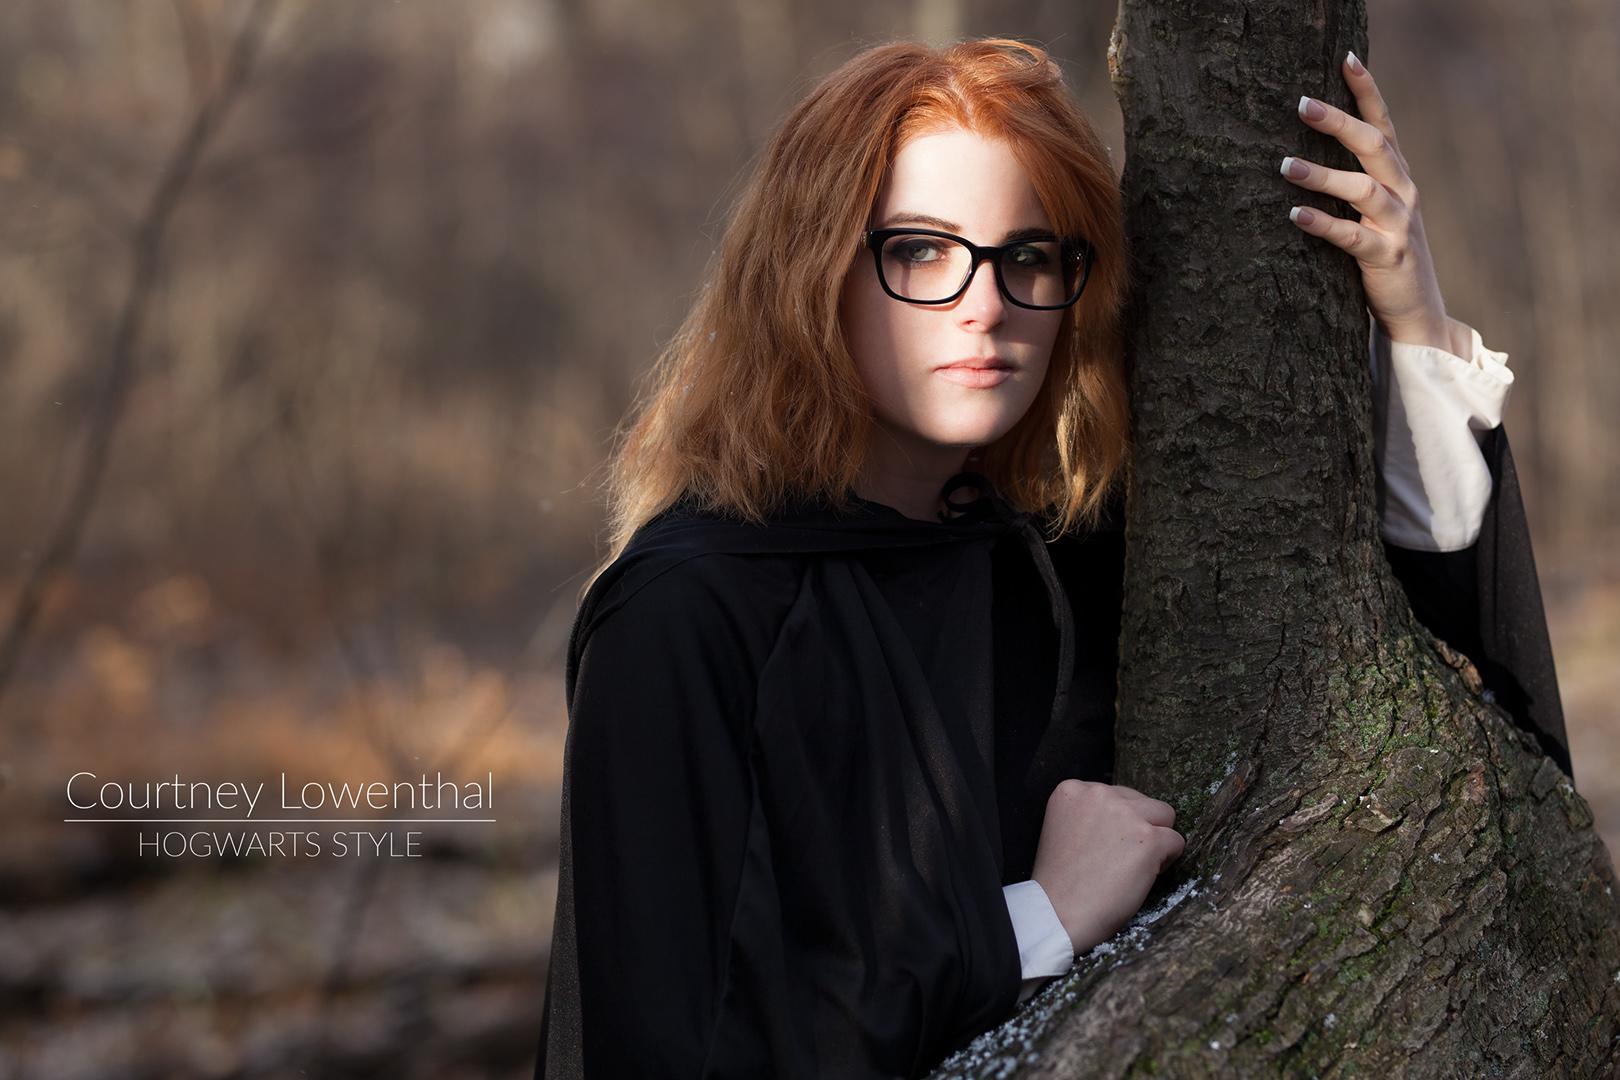 Creative Photography - Hogwarts Style